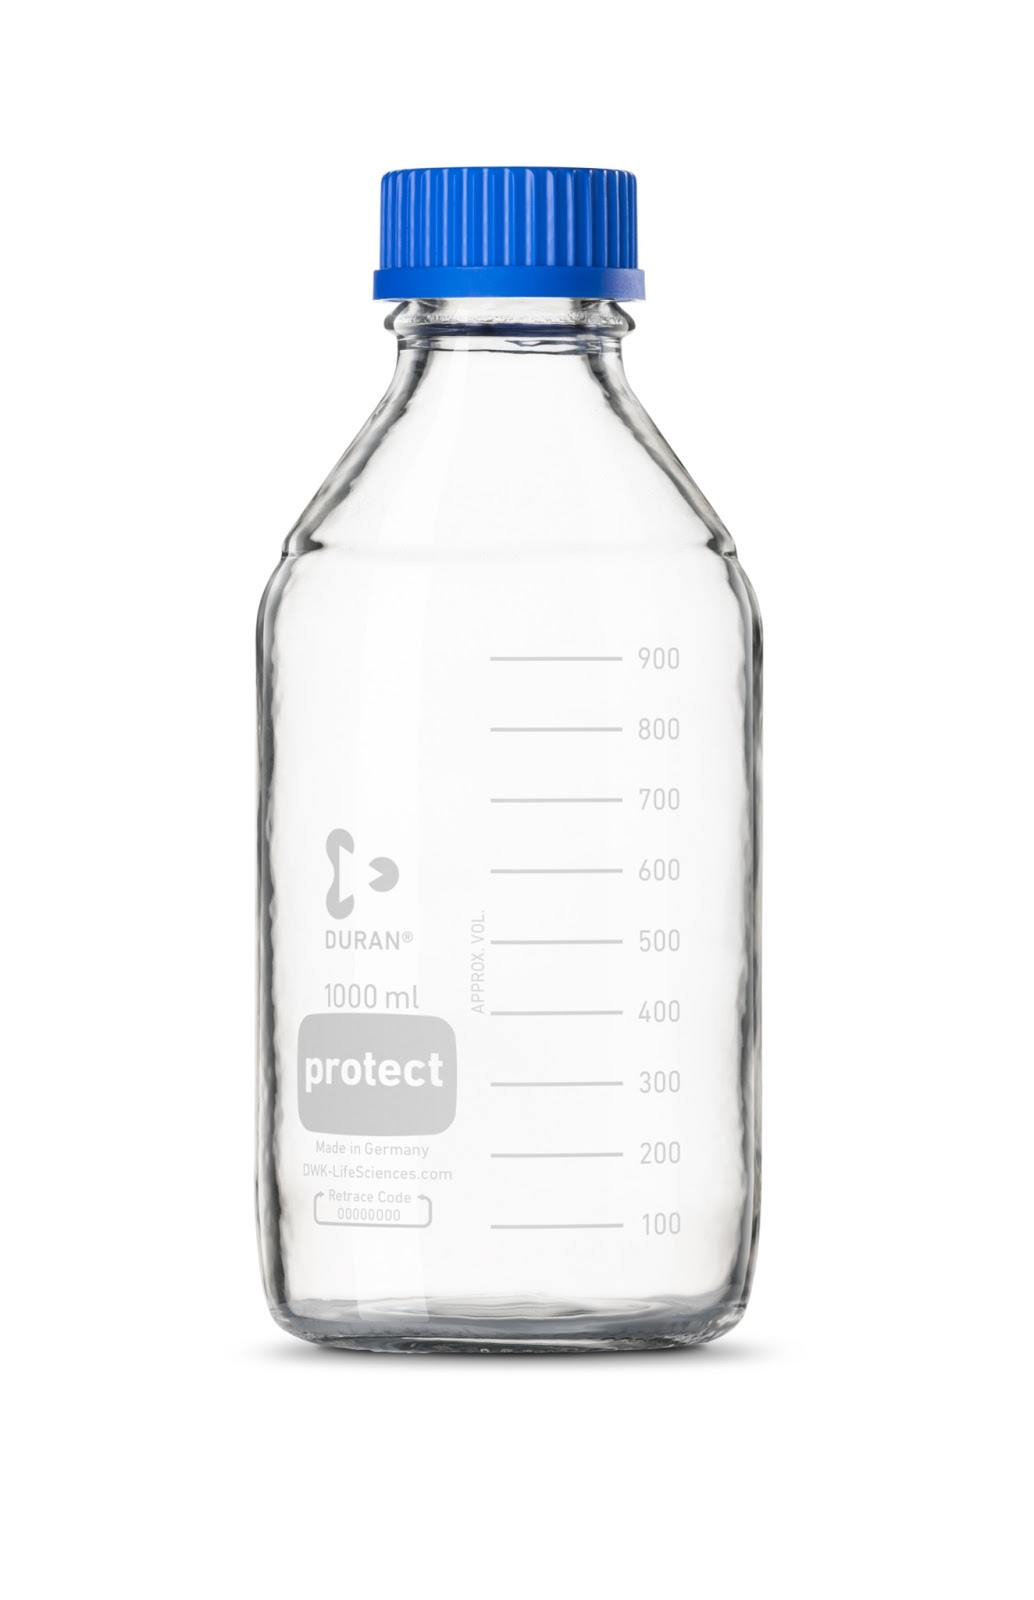 Plastic Coated Glassware